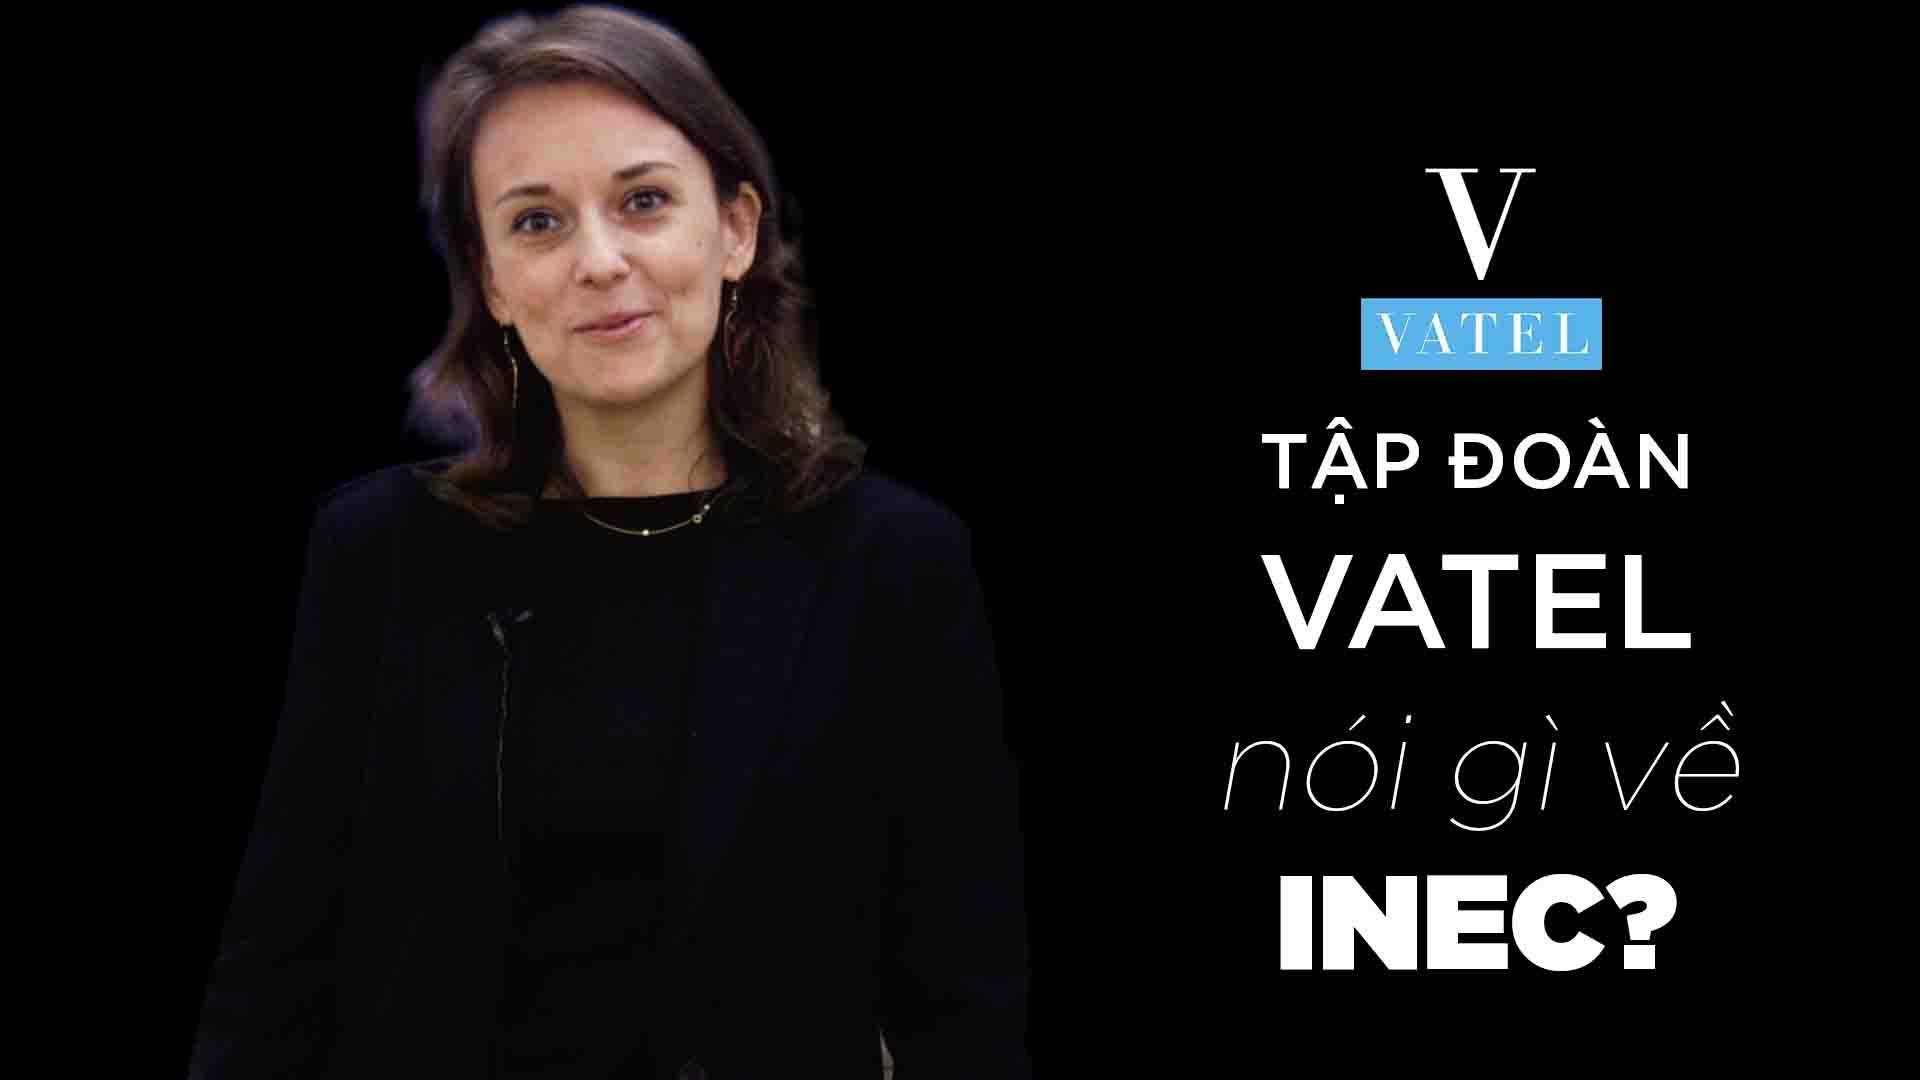 Học viện Vatel là trường quản trị nhà hàng khách sạn tốt nhất thế giới, cung cấp các giải pháp học tập ưu tú trong lĩnh vực quản trị du lịch và khách sạn cho sinh viên quốc tế. Trường hiện có hơn 40 cơ sở đào tạo đặt tại 30 quốc gia khắp 4 châu lục. Tại Pháp, Vatel có hệ thống khu học xá đẳng cấp tọa lạc tại Paris, Lyon, Nimes, Bordeaux, Nantes – là chọn lựa du học Pháp ngành quản trị khách sạn hàng đầu của sinh viên quốc tế.